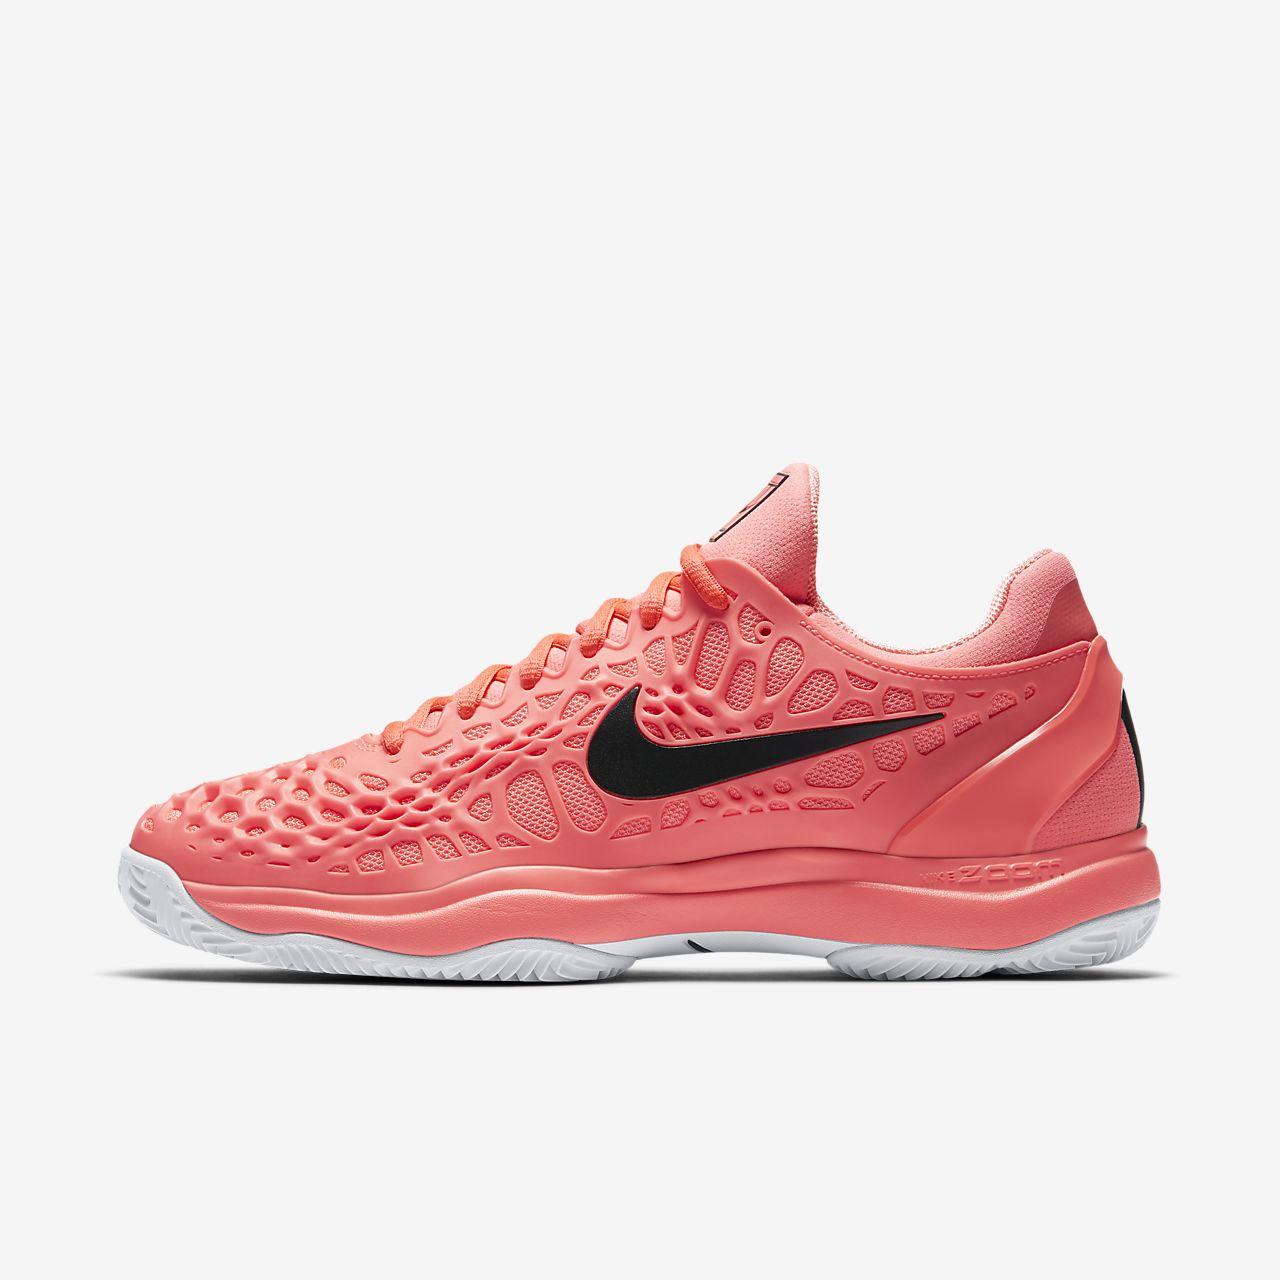 scarpe tennis nike uomo